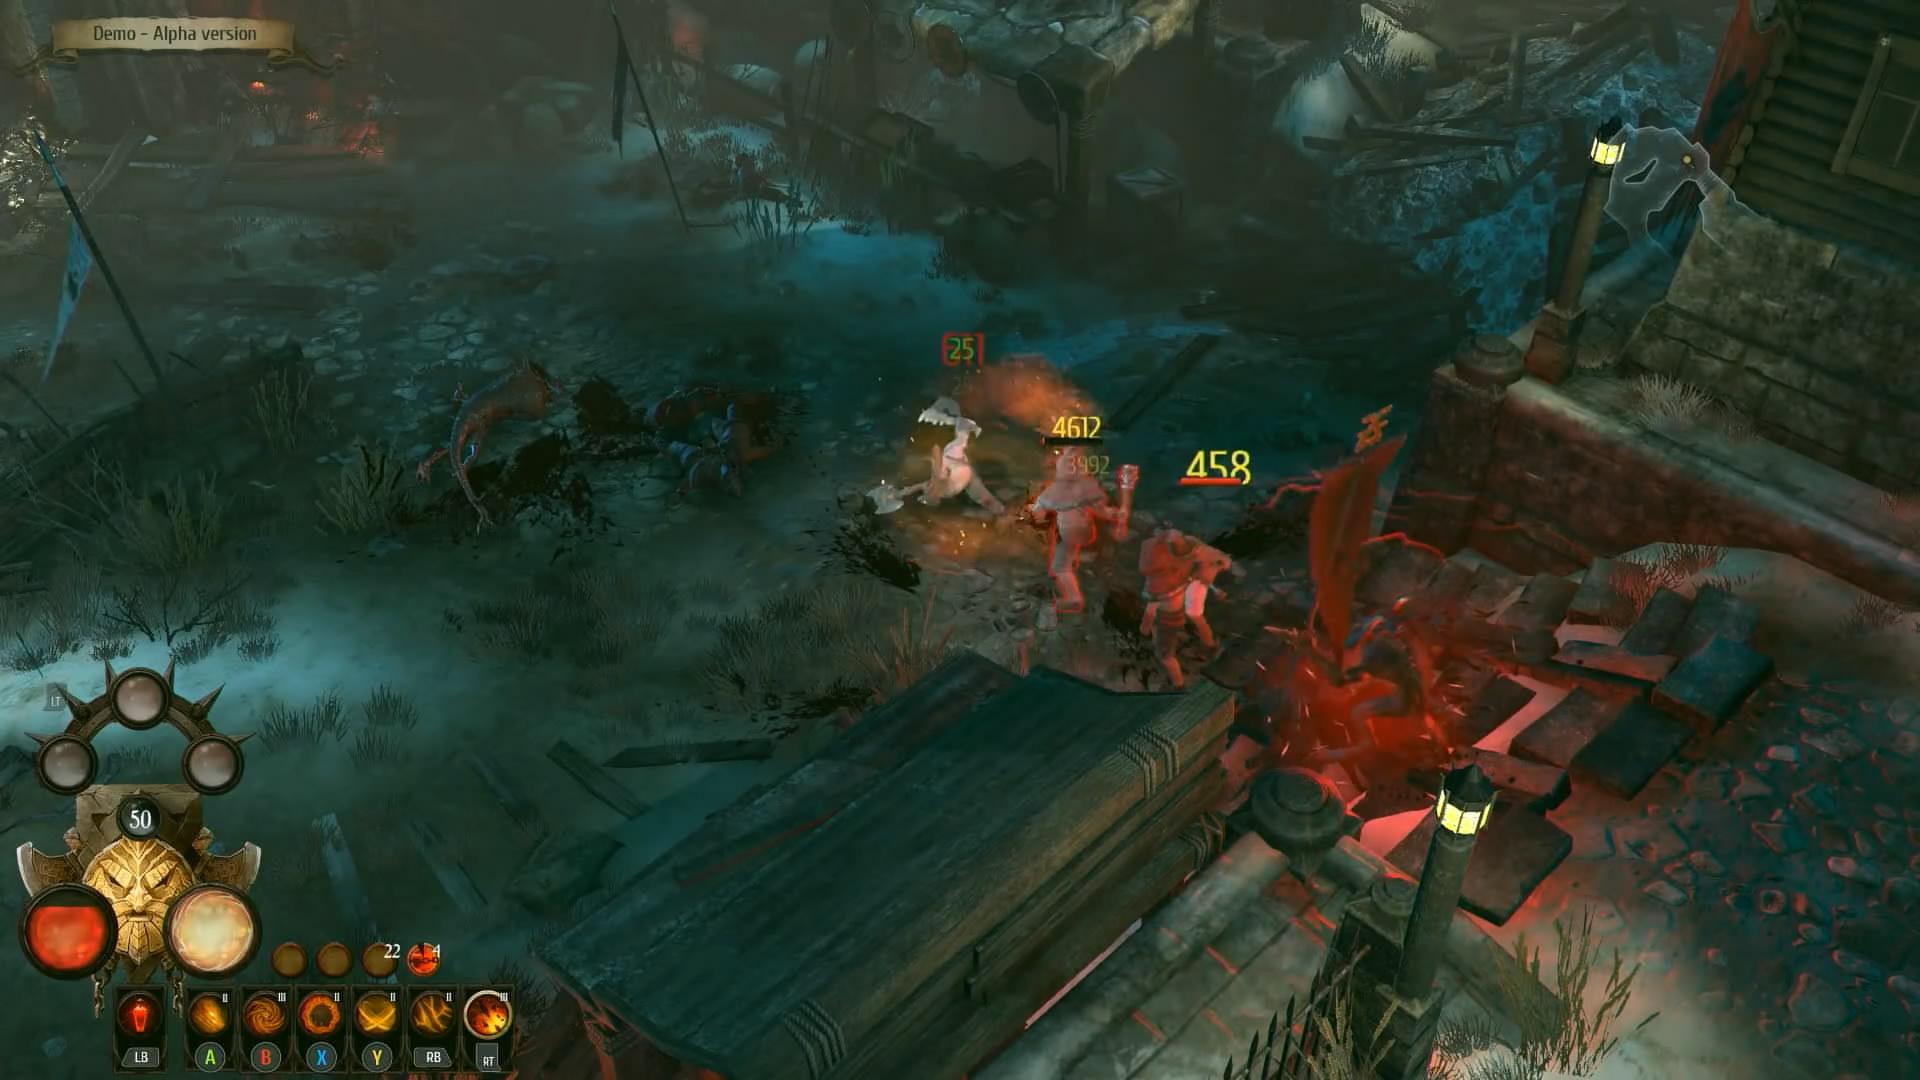 暗黑类ARPG《战锤:混沌祸根》 矮人屠夫试玩演示